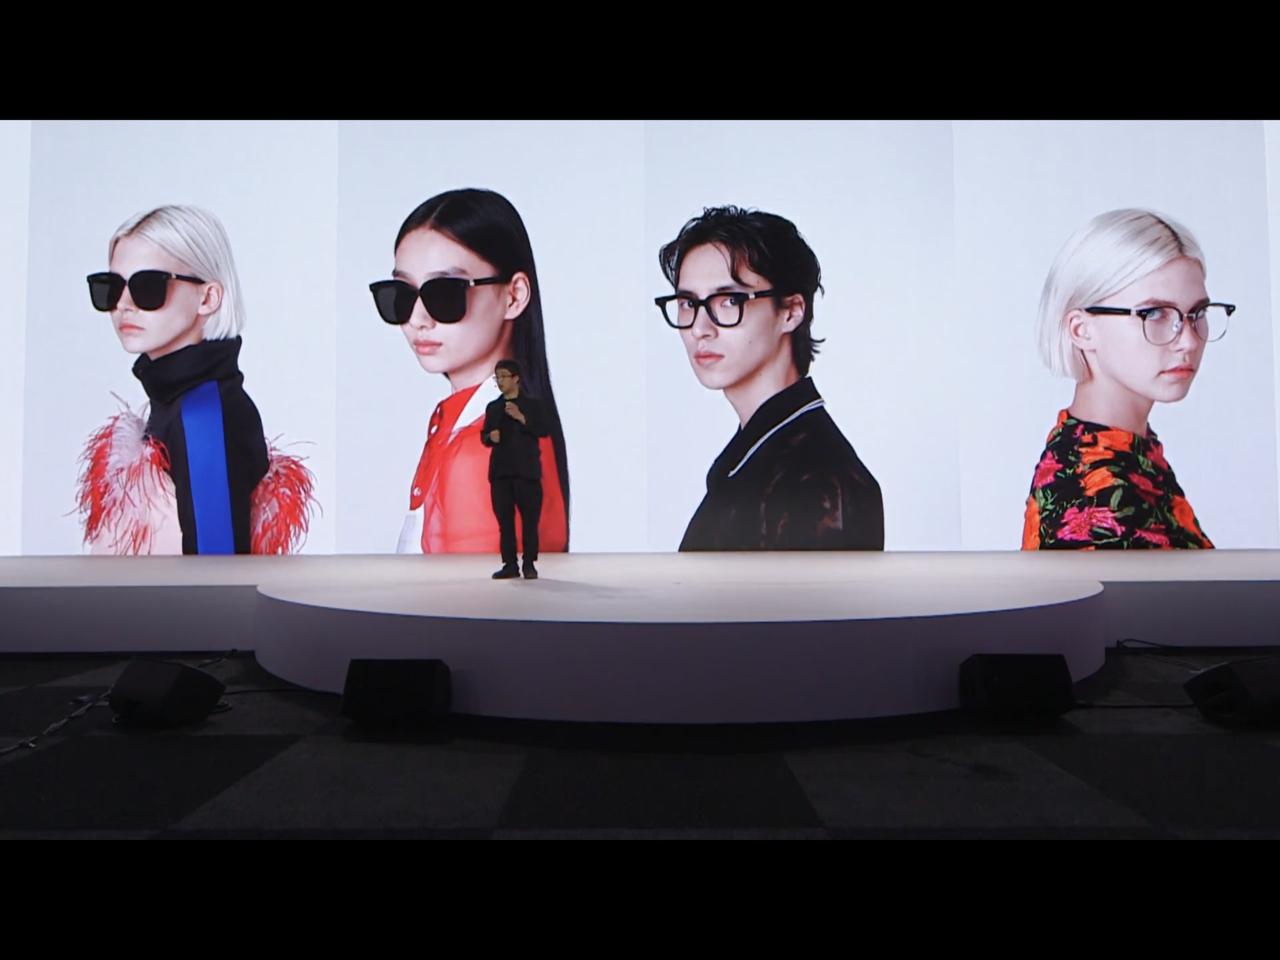 華為發表會的壓軸產品,竟是與韓國潮流眼鏡品牌Gentle Monster聯名的智...